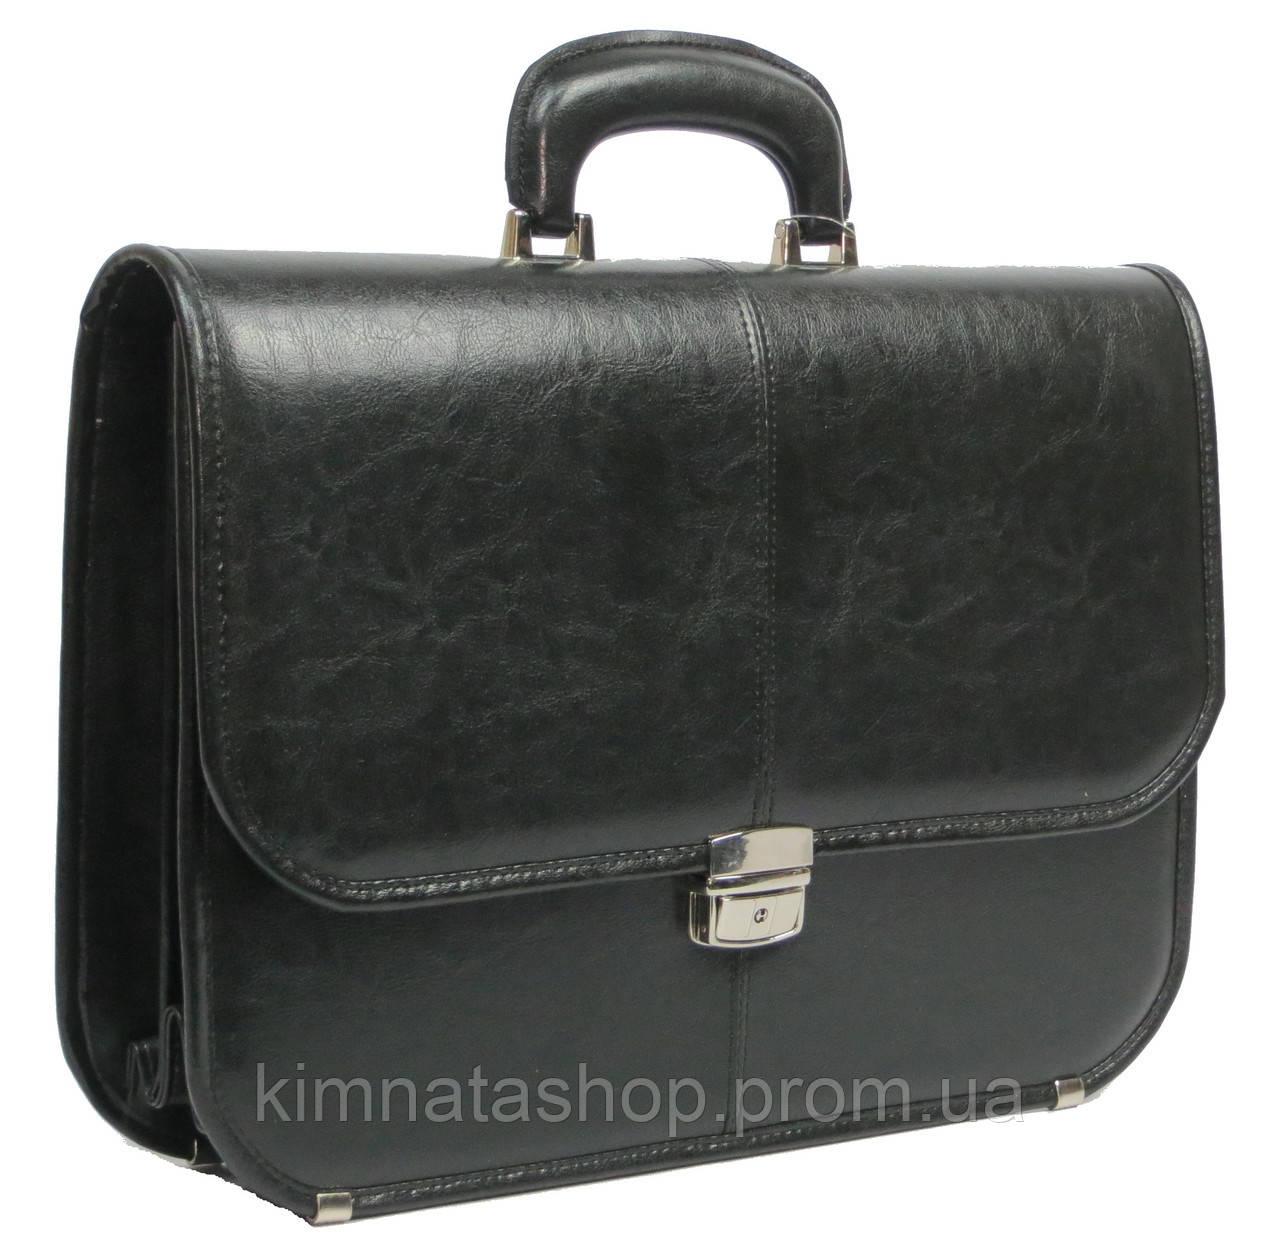 Мужской портфель из эко кожи JPB Польша TE-40-66458 чёрный